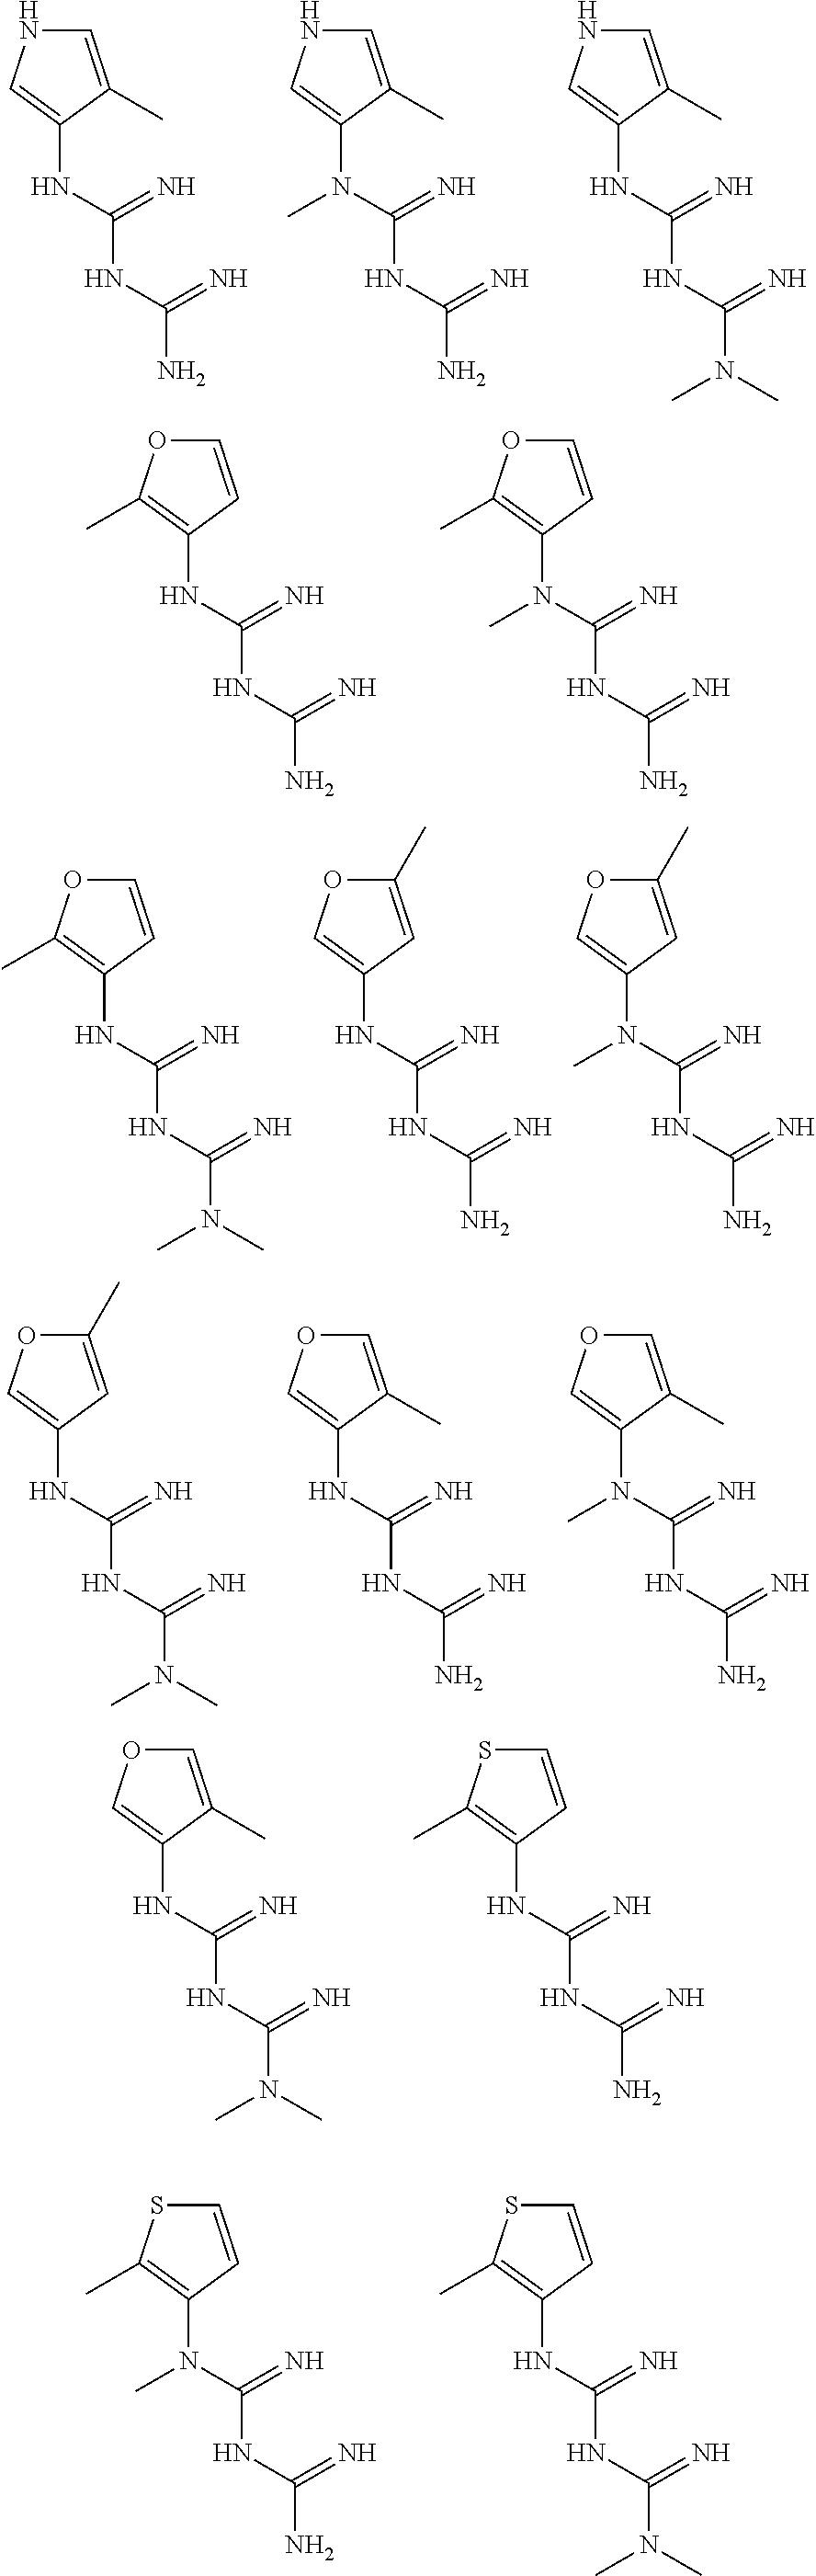 Figure US09480663-20161101-C00033